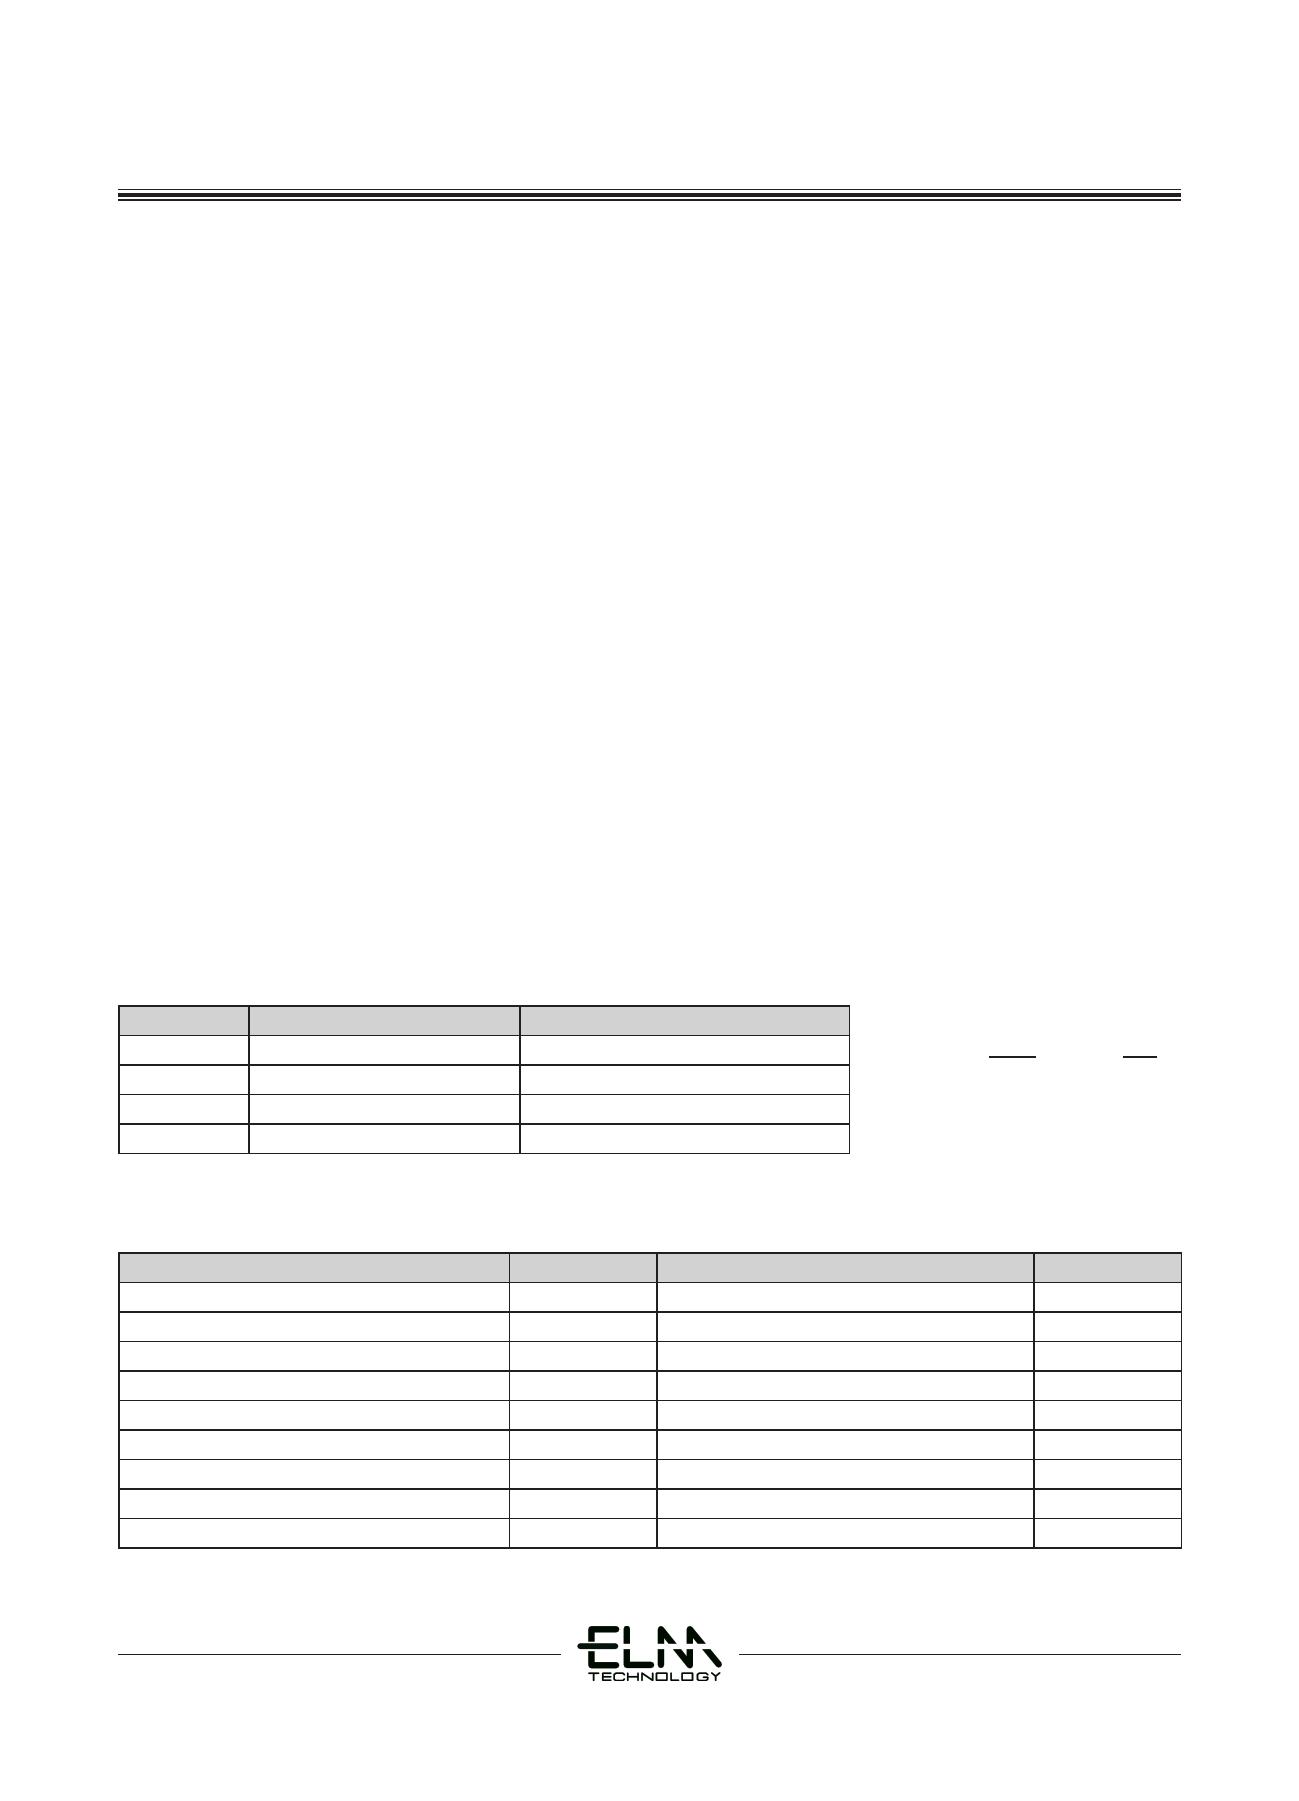 ELM7SU04BW Datasheet, ELM7SU04BW PDF,ピン配置, 機能